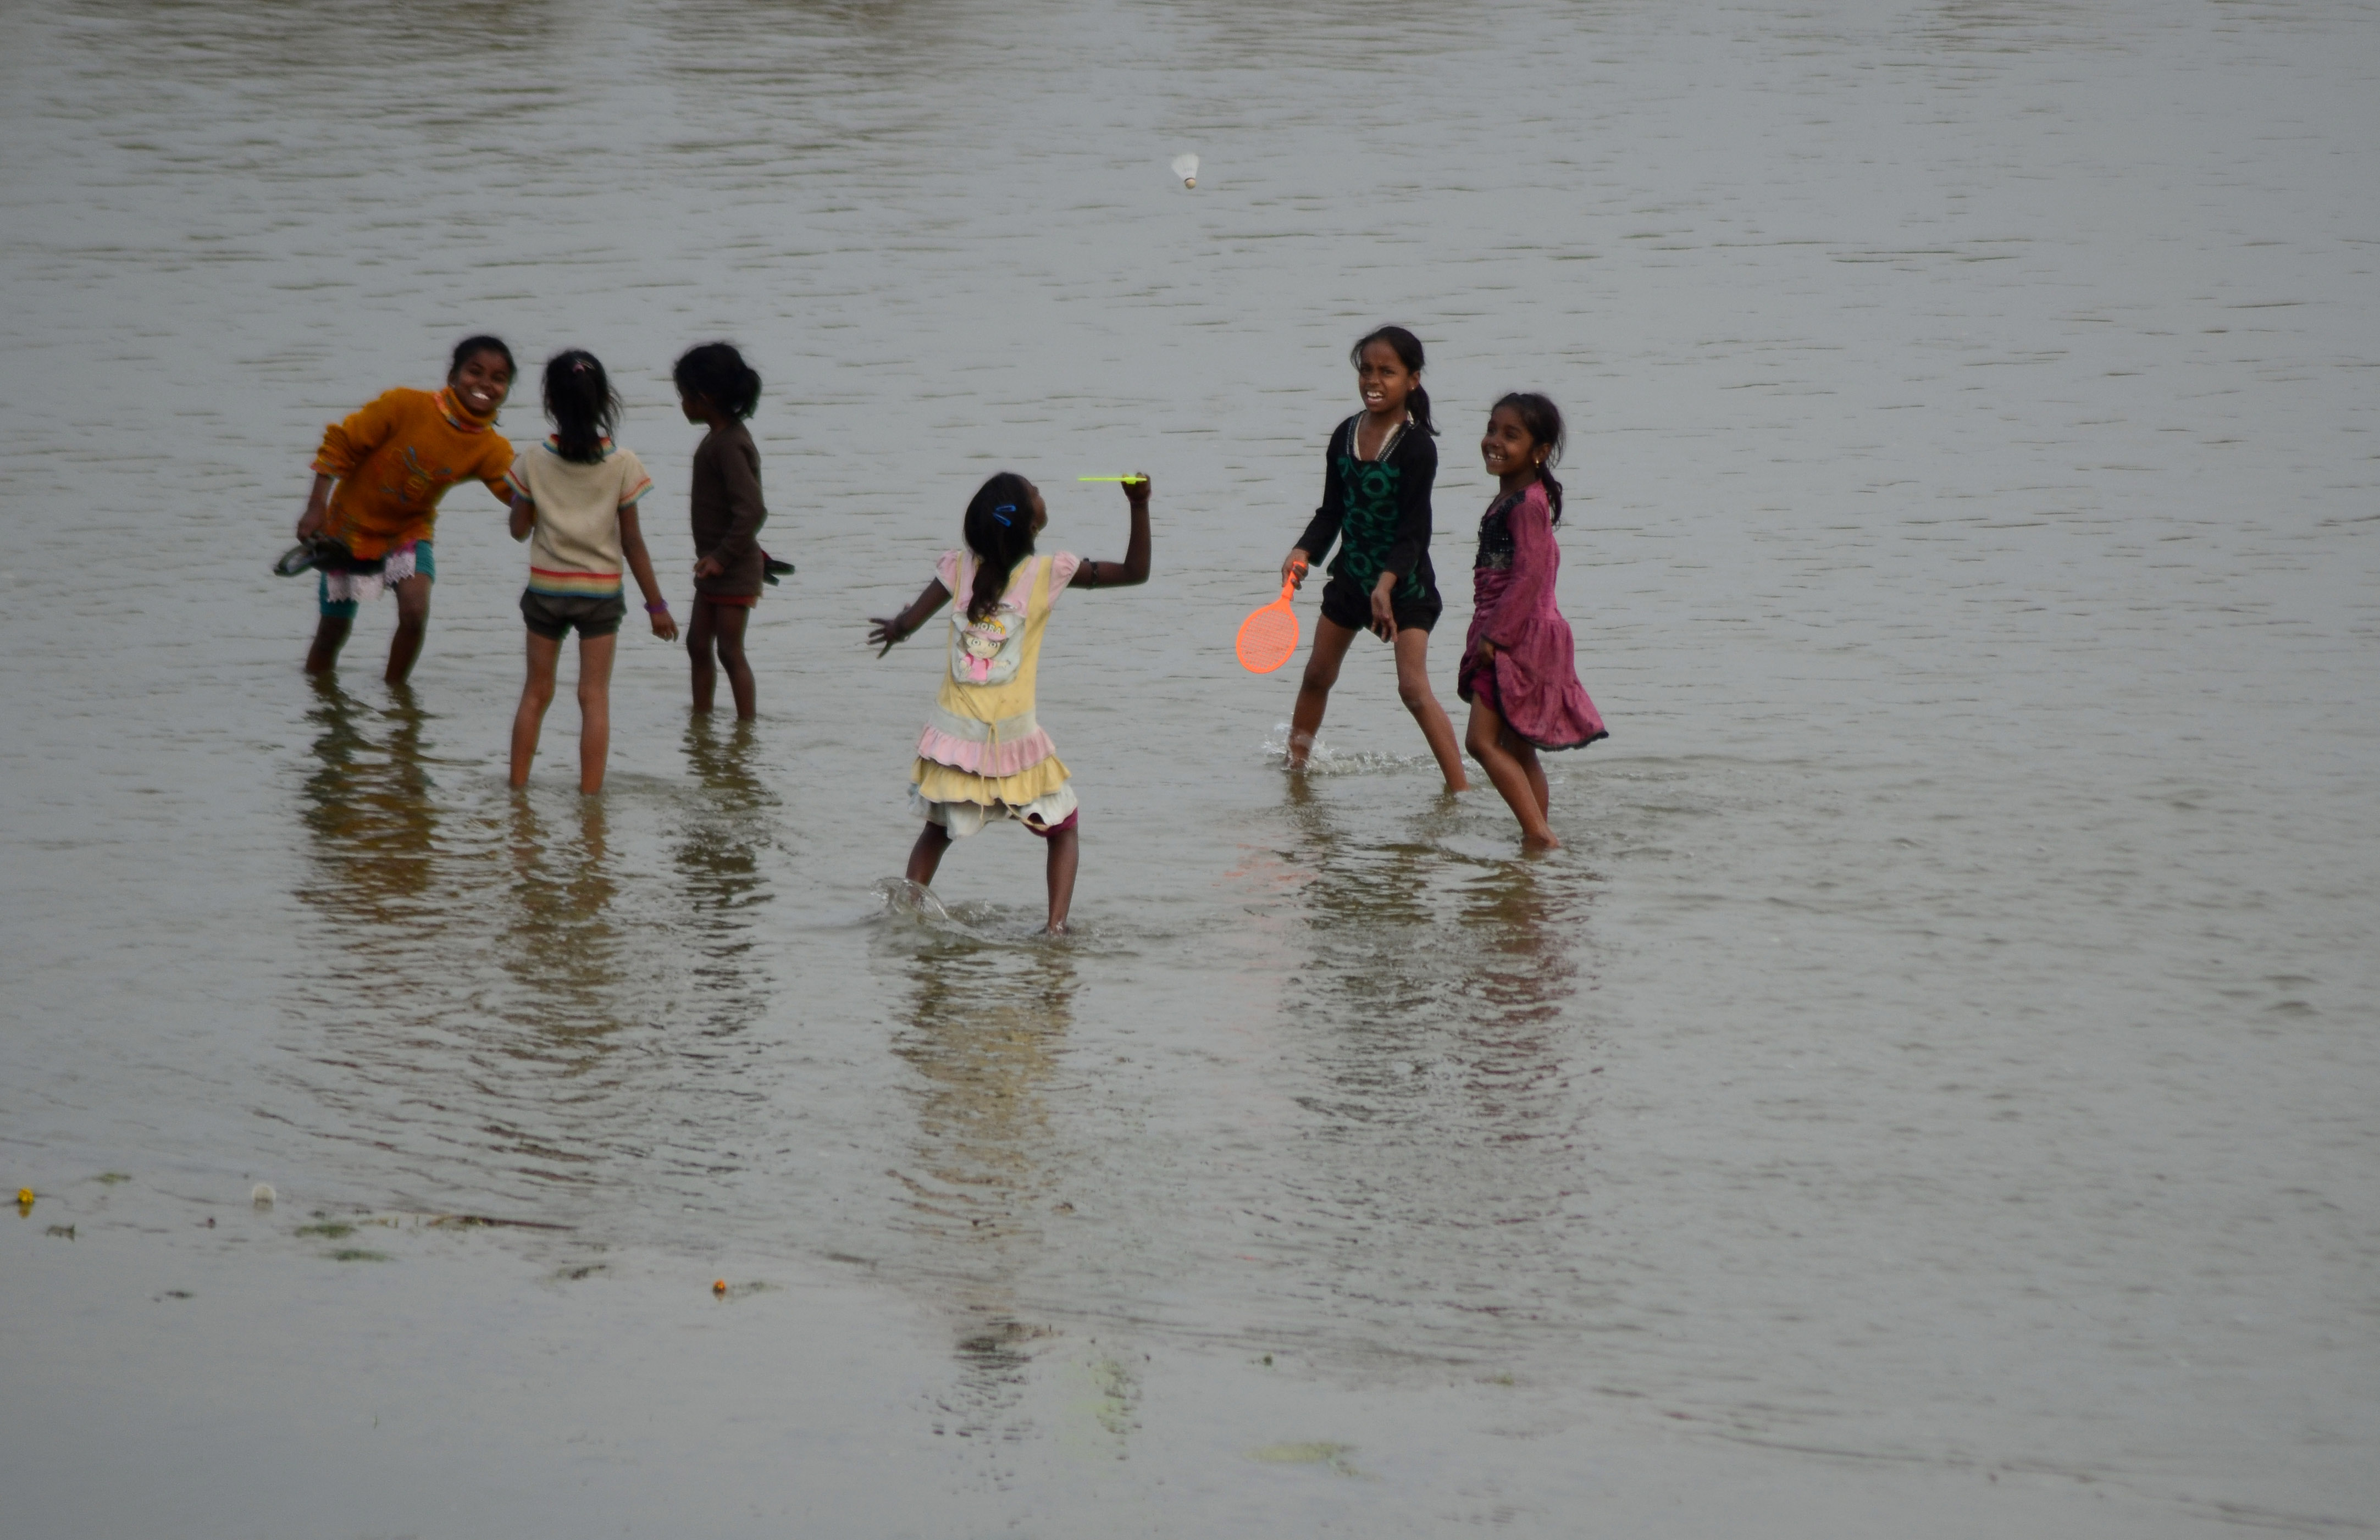 Hatalmasat húzott az indiai posta, elkezdték árulni a Gangesz vizét